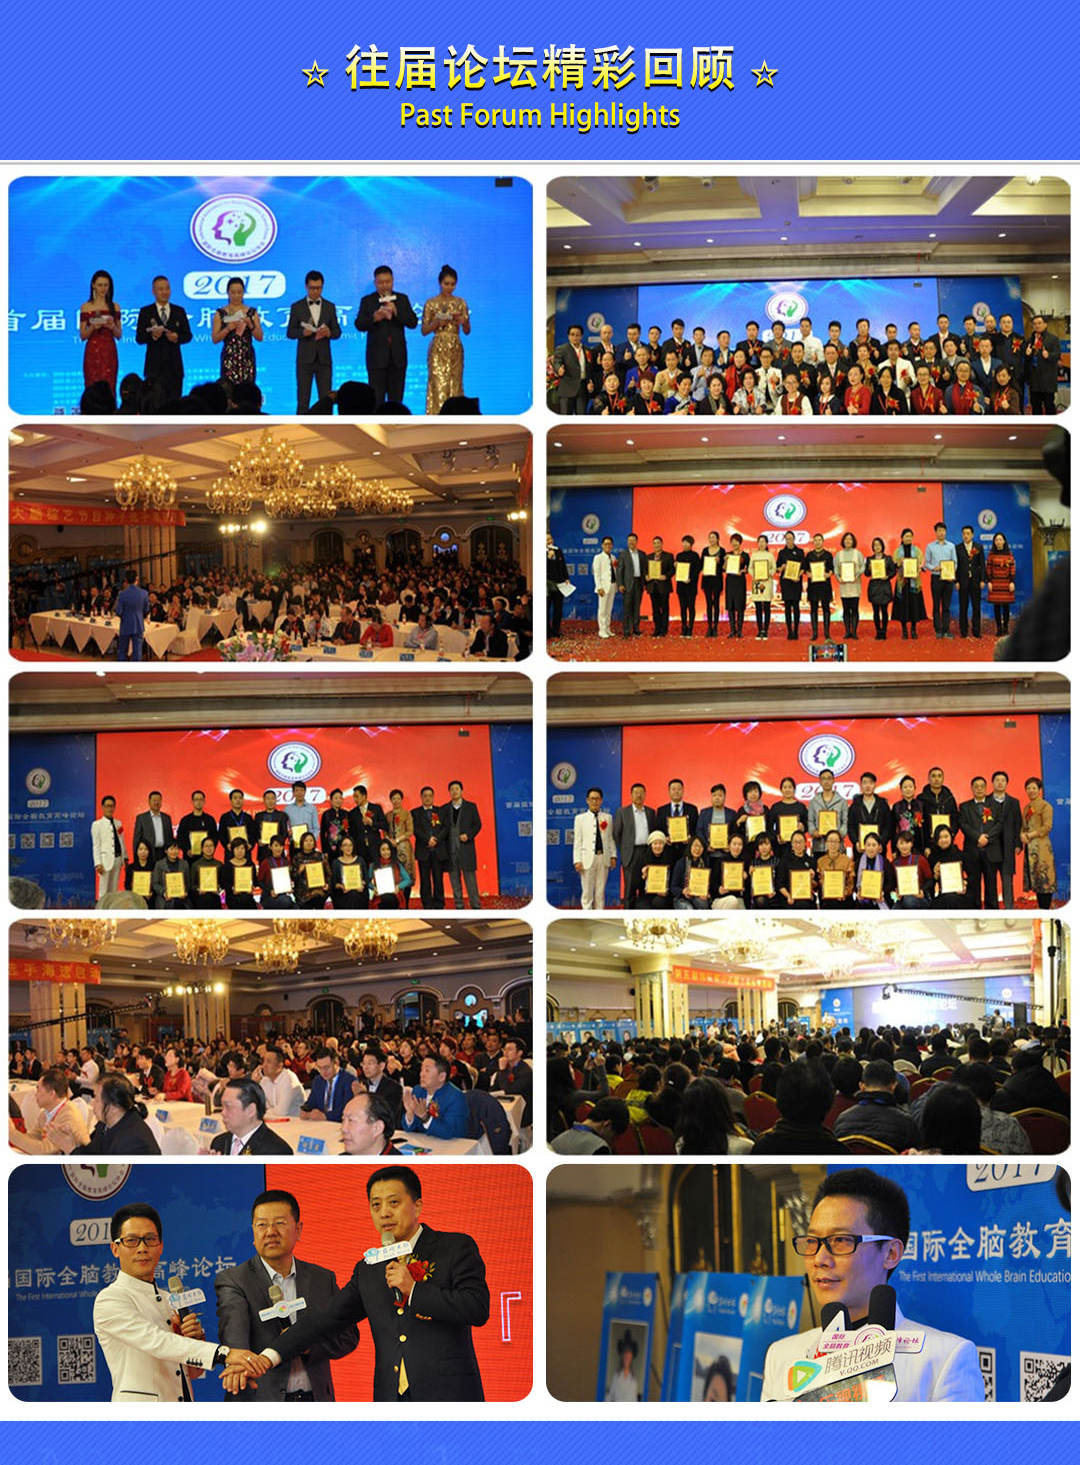 2018第二届国际全脑教育高峰论坛-北京(International Summit Forum on braineducation)